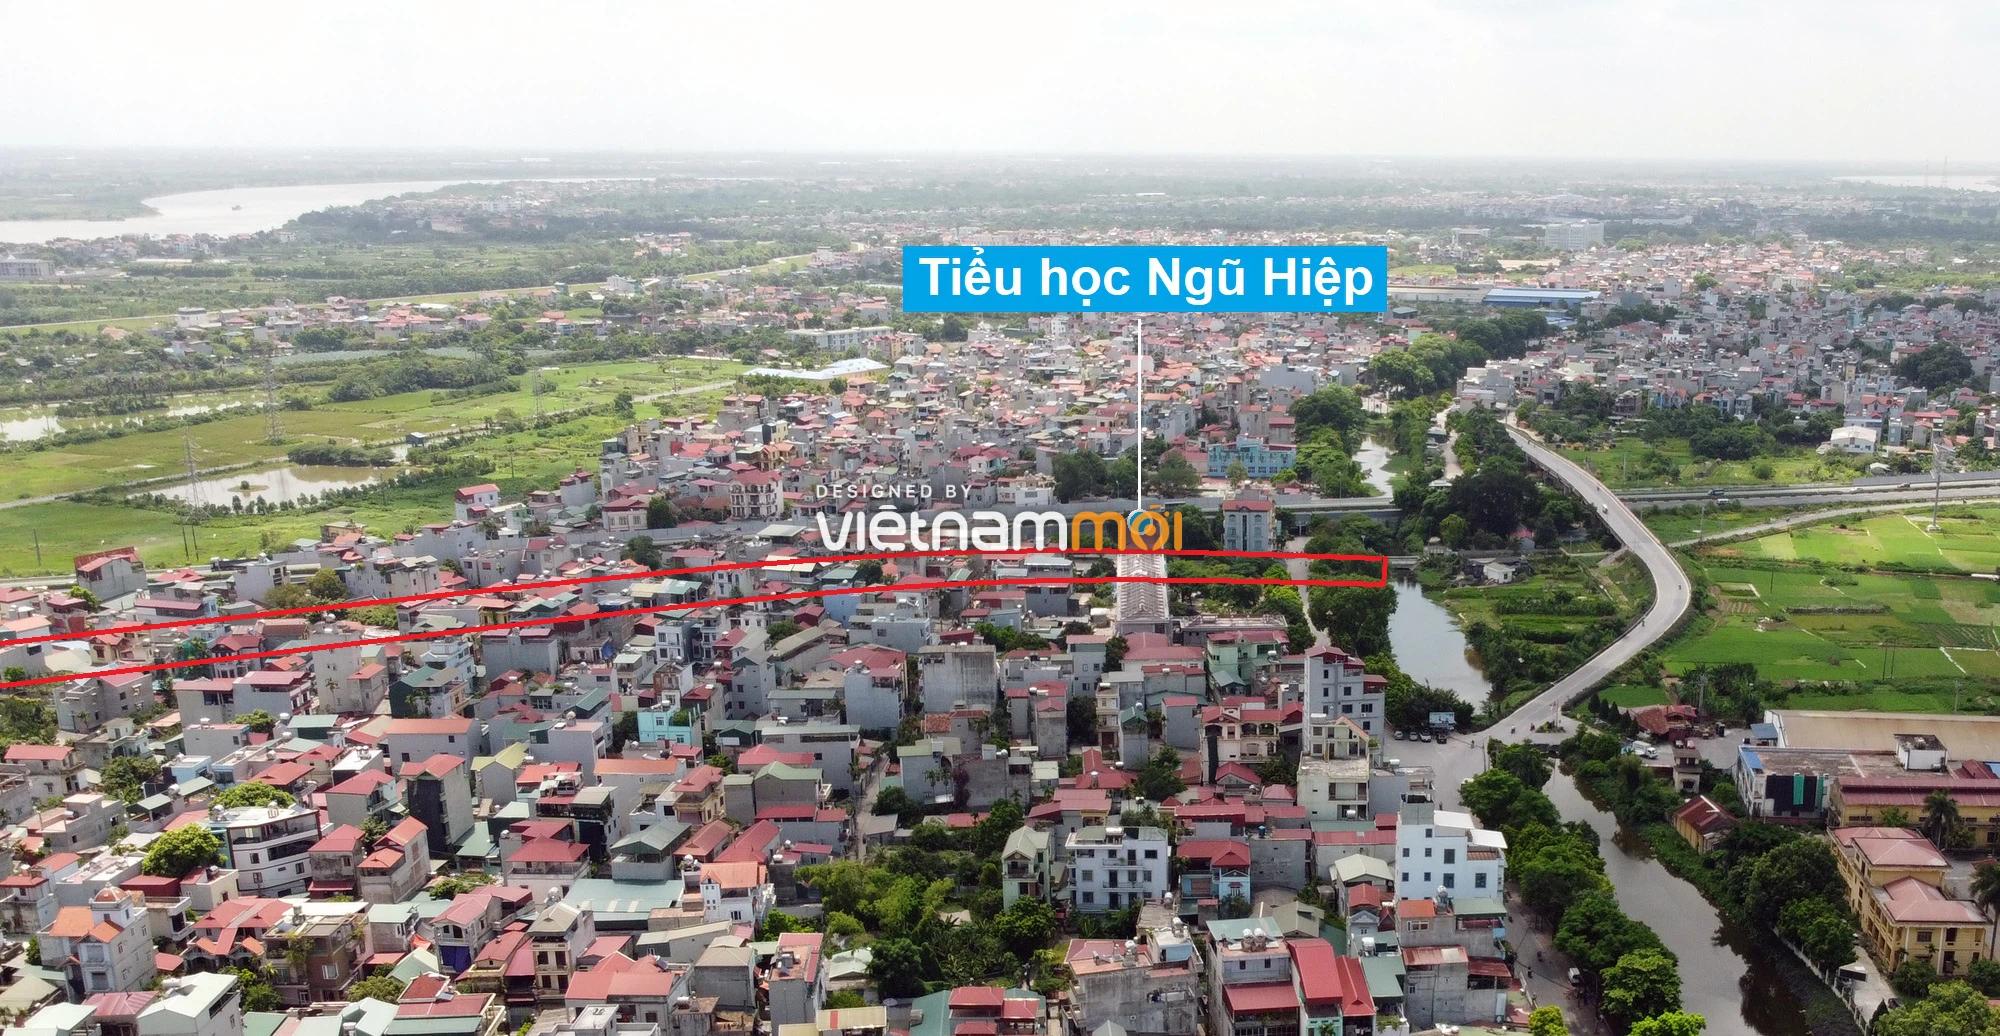 Những khu đất sắp thu hồi để mở đường ở xã Ngũ Hiệp, Thanh Trì, Hà Nội (phần 2) - Ảnh 5.